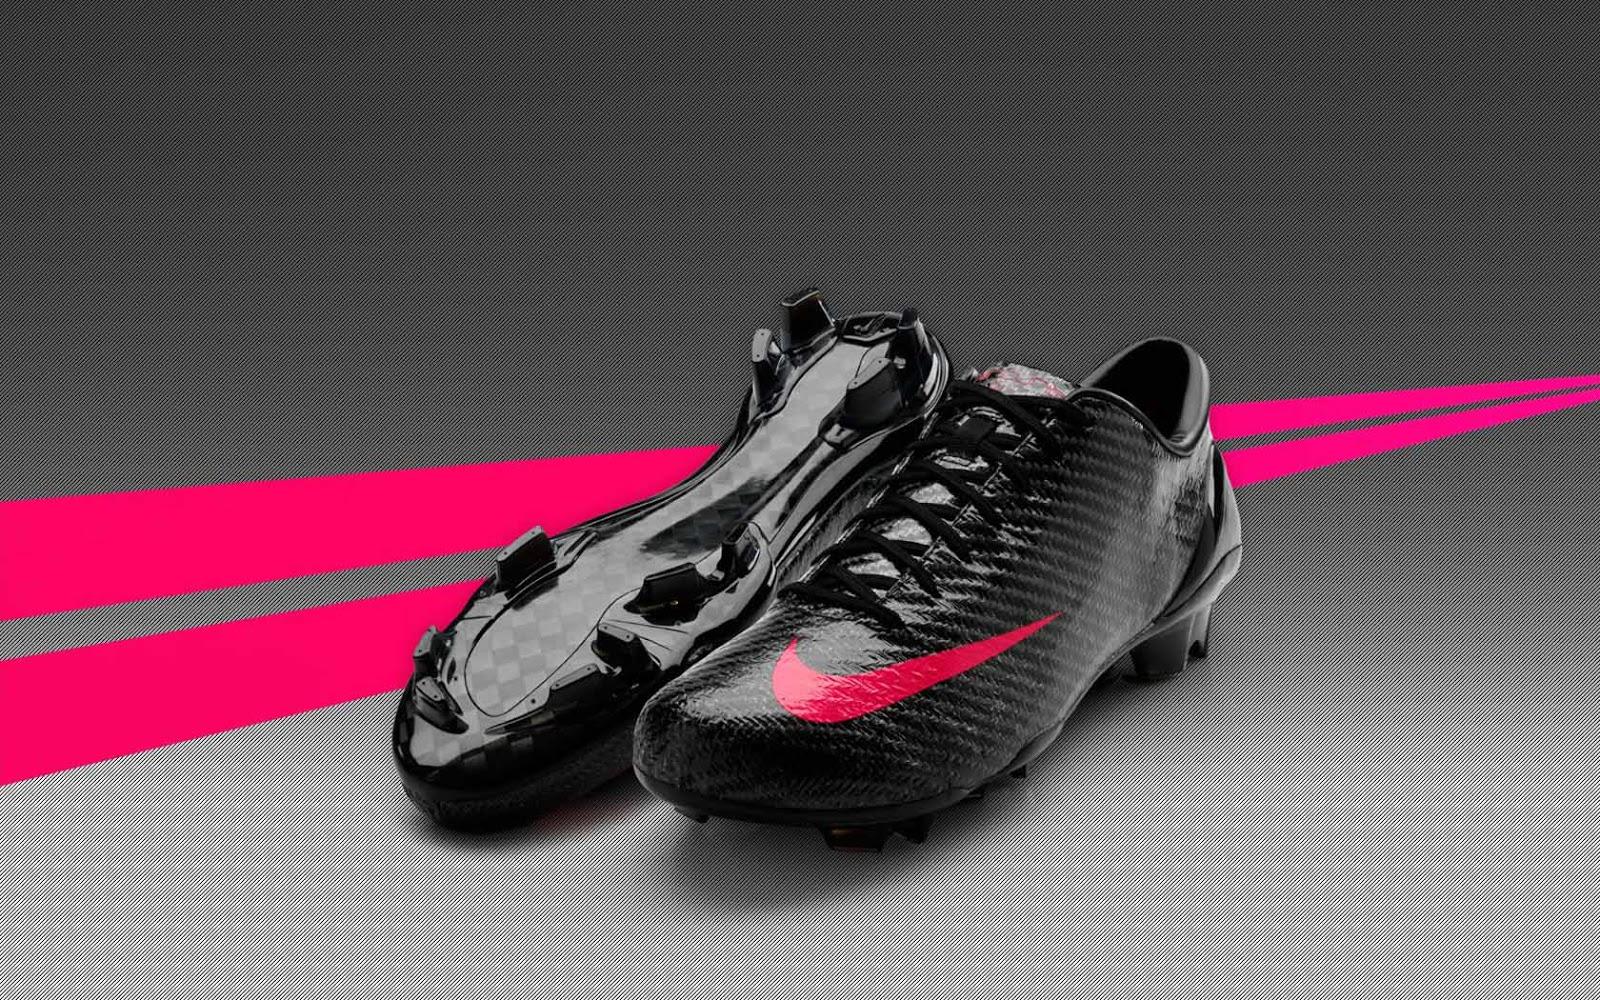 Nike Carbon Fibre Shoes